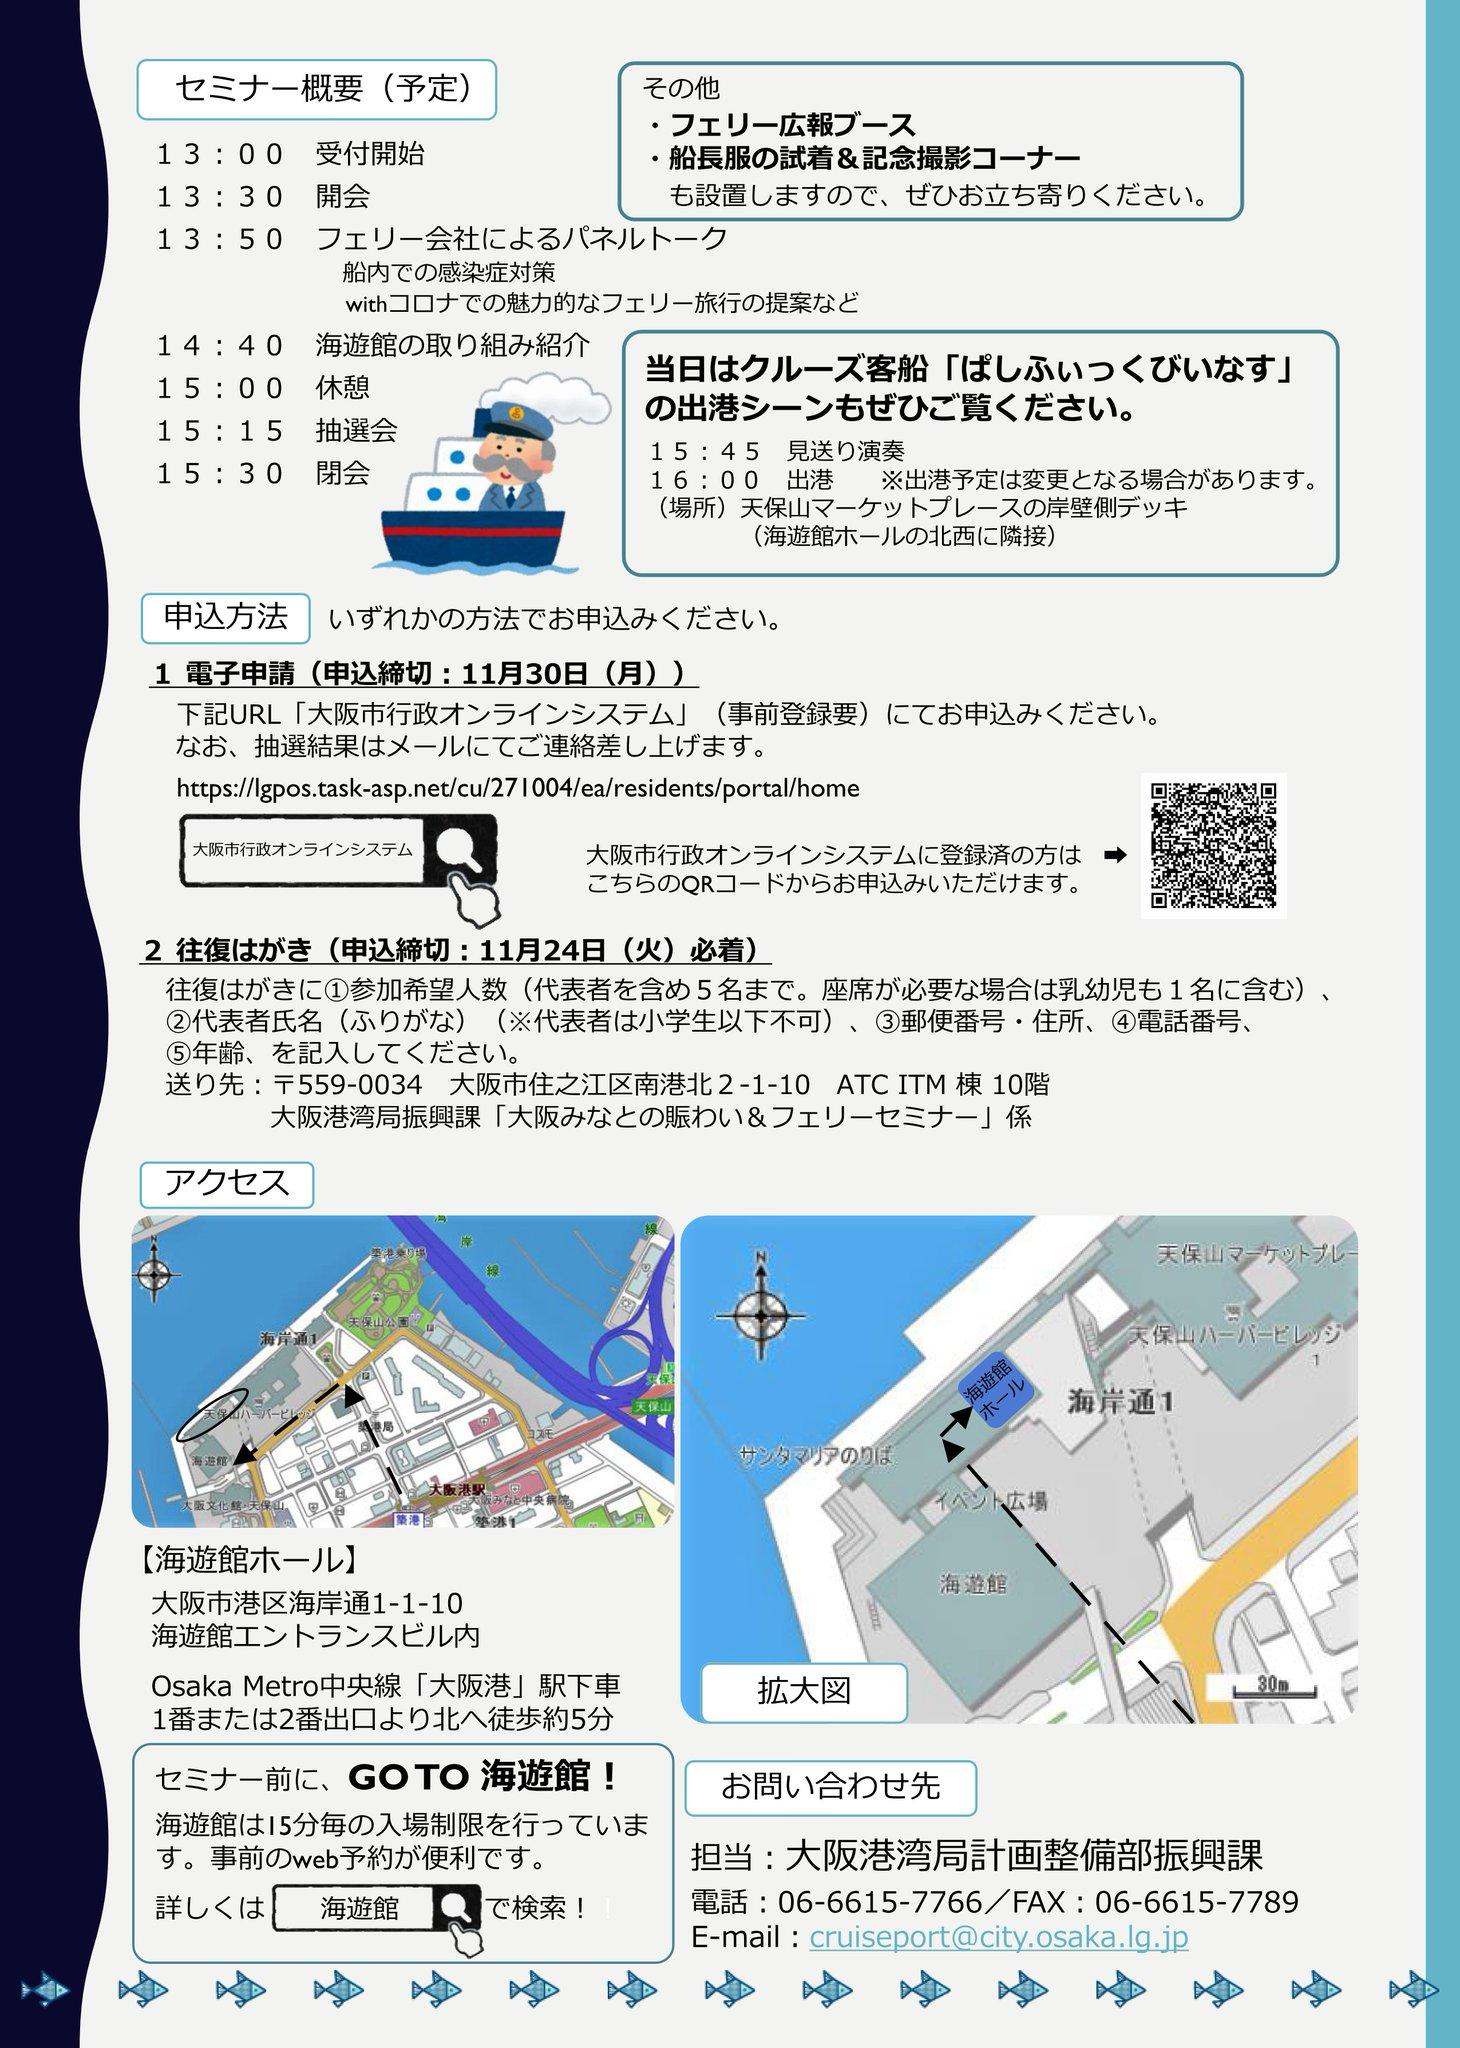 行政 オンライン 市 システム 大阪